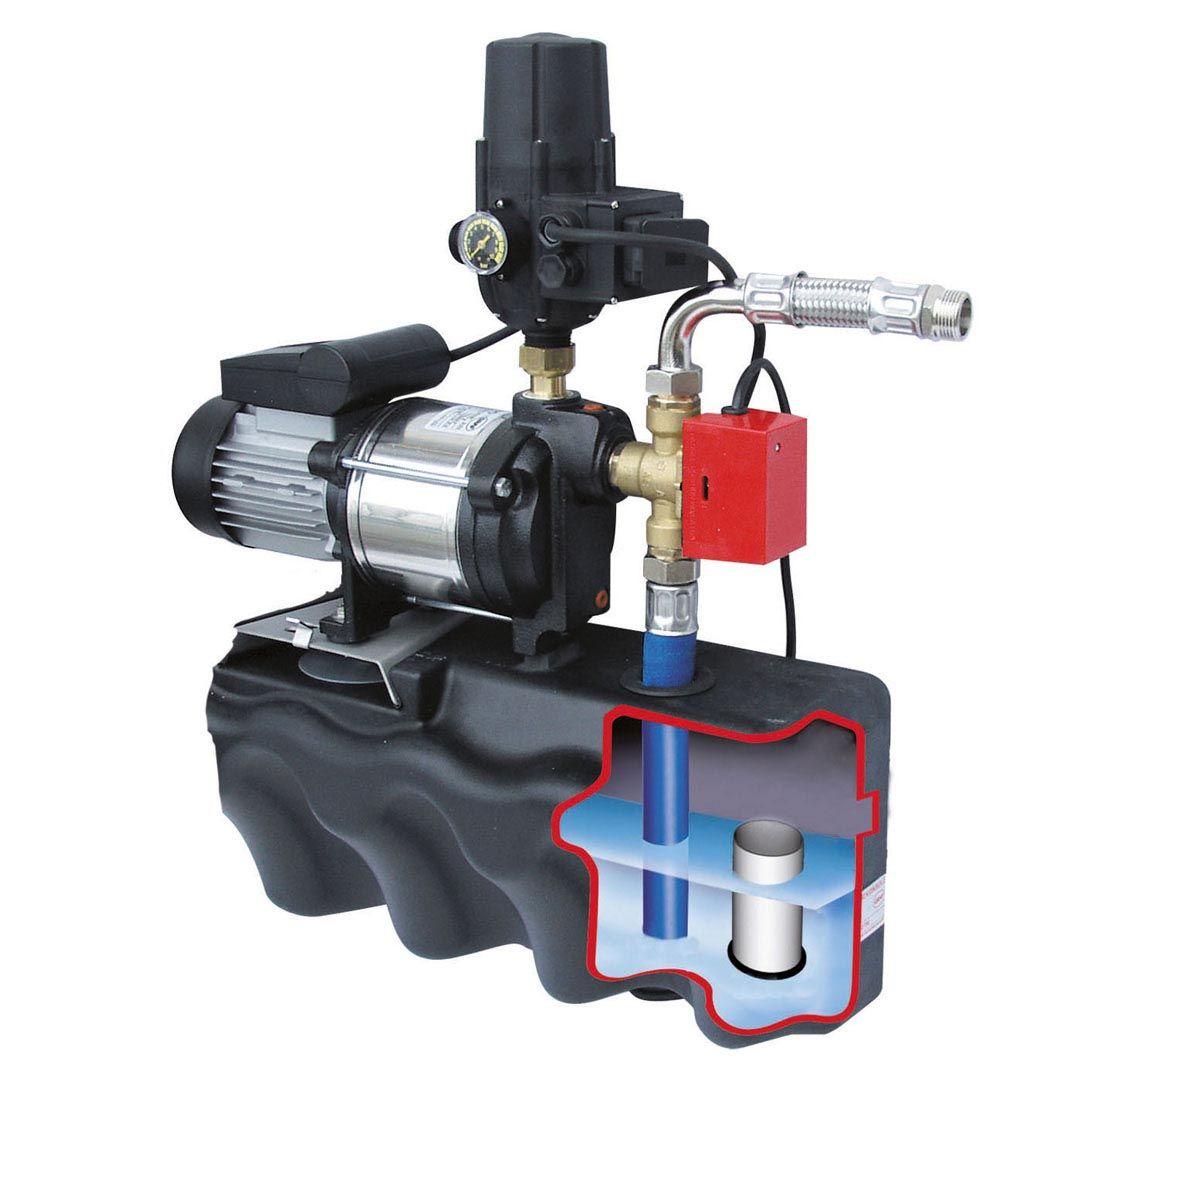 Trinkwasser-Nachspeisekonsole, verzinkt, 206 x 649 x 759 mm, 3.5 bar, 3600 l/h